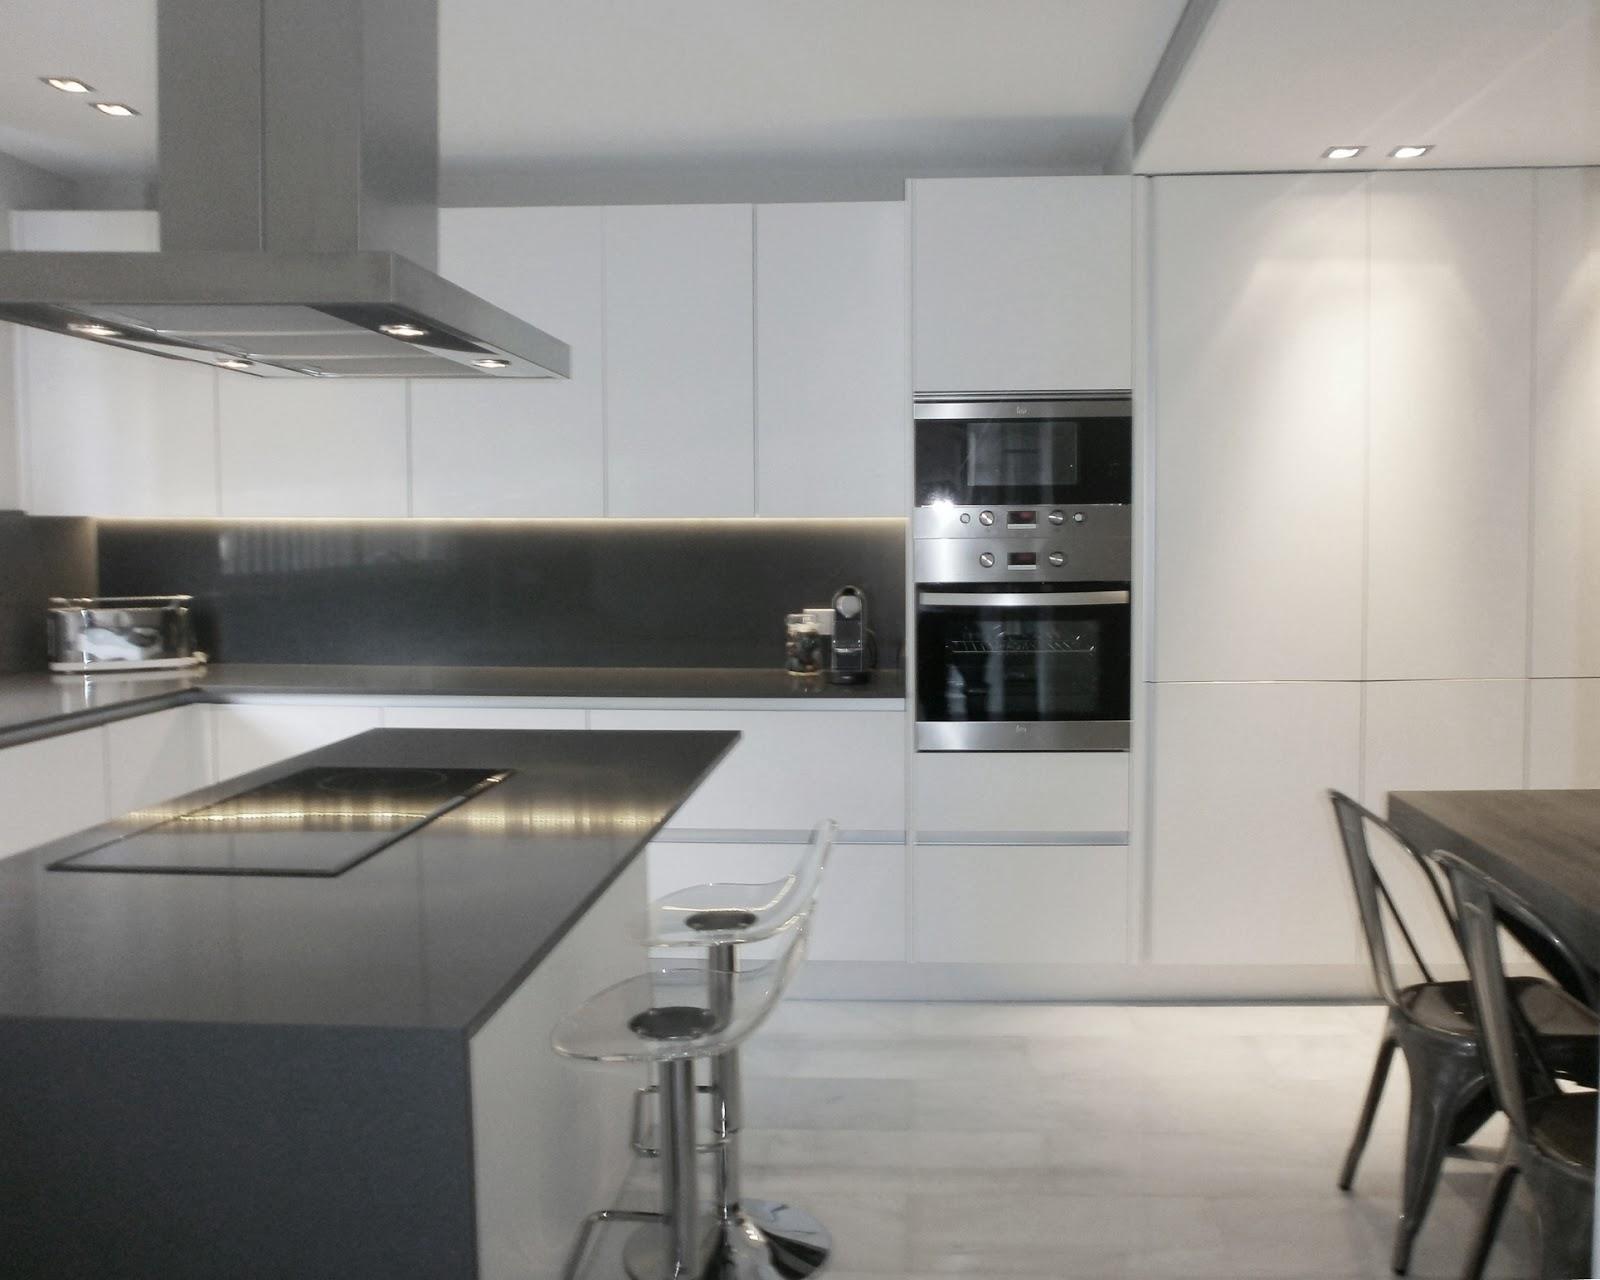 Encantadora cocina blanca independiente con isla y office for Cocinas blancas y grises